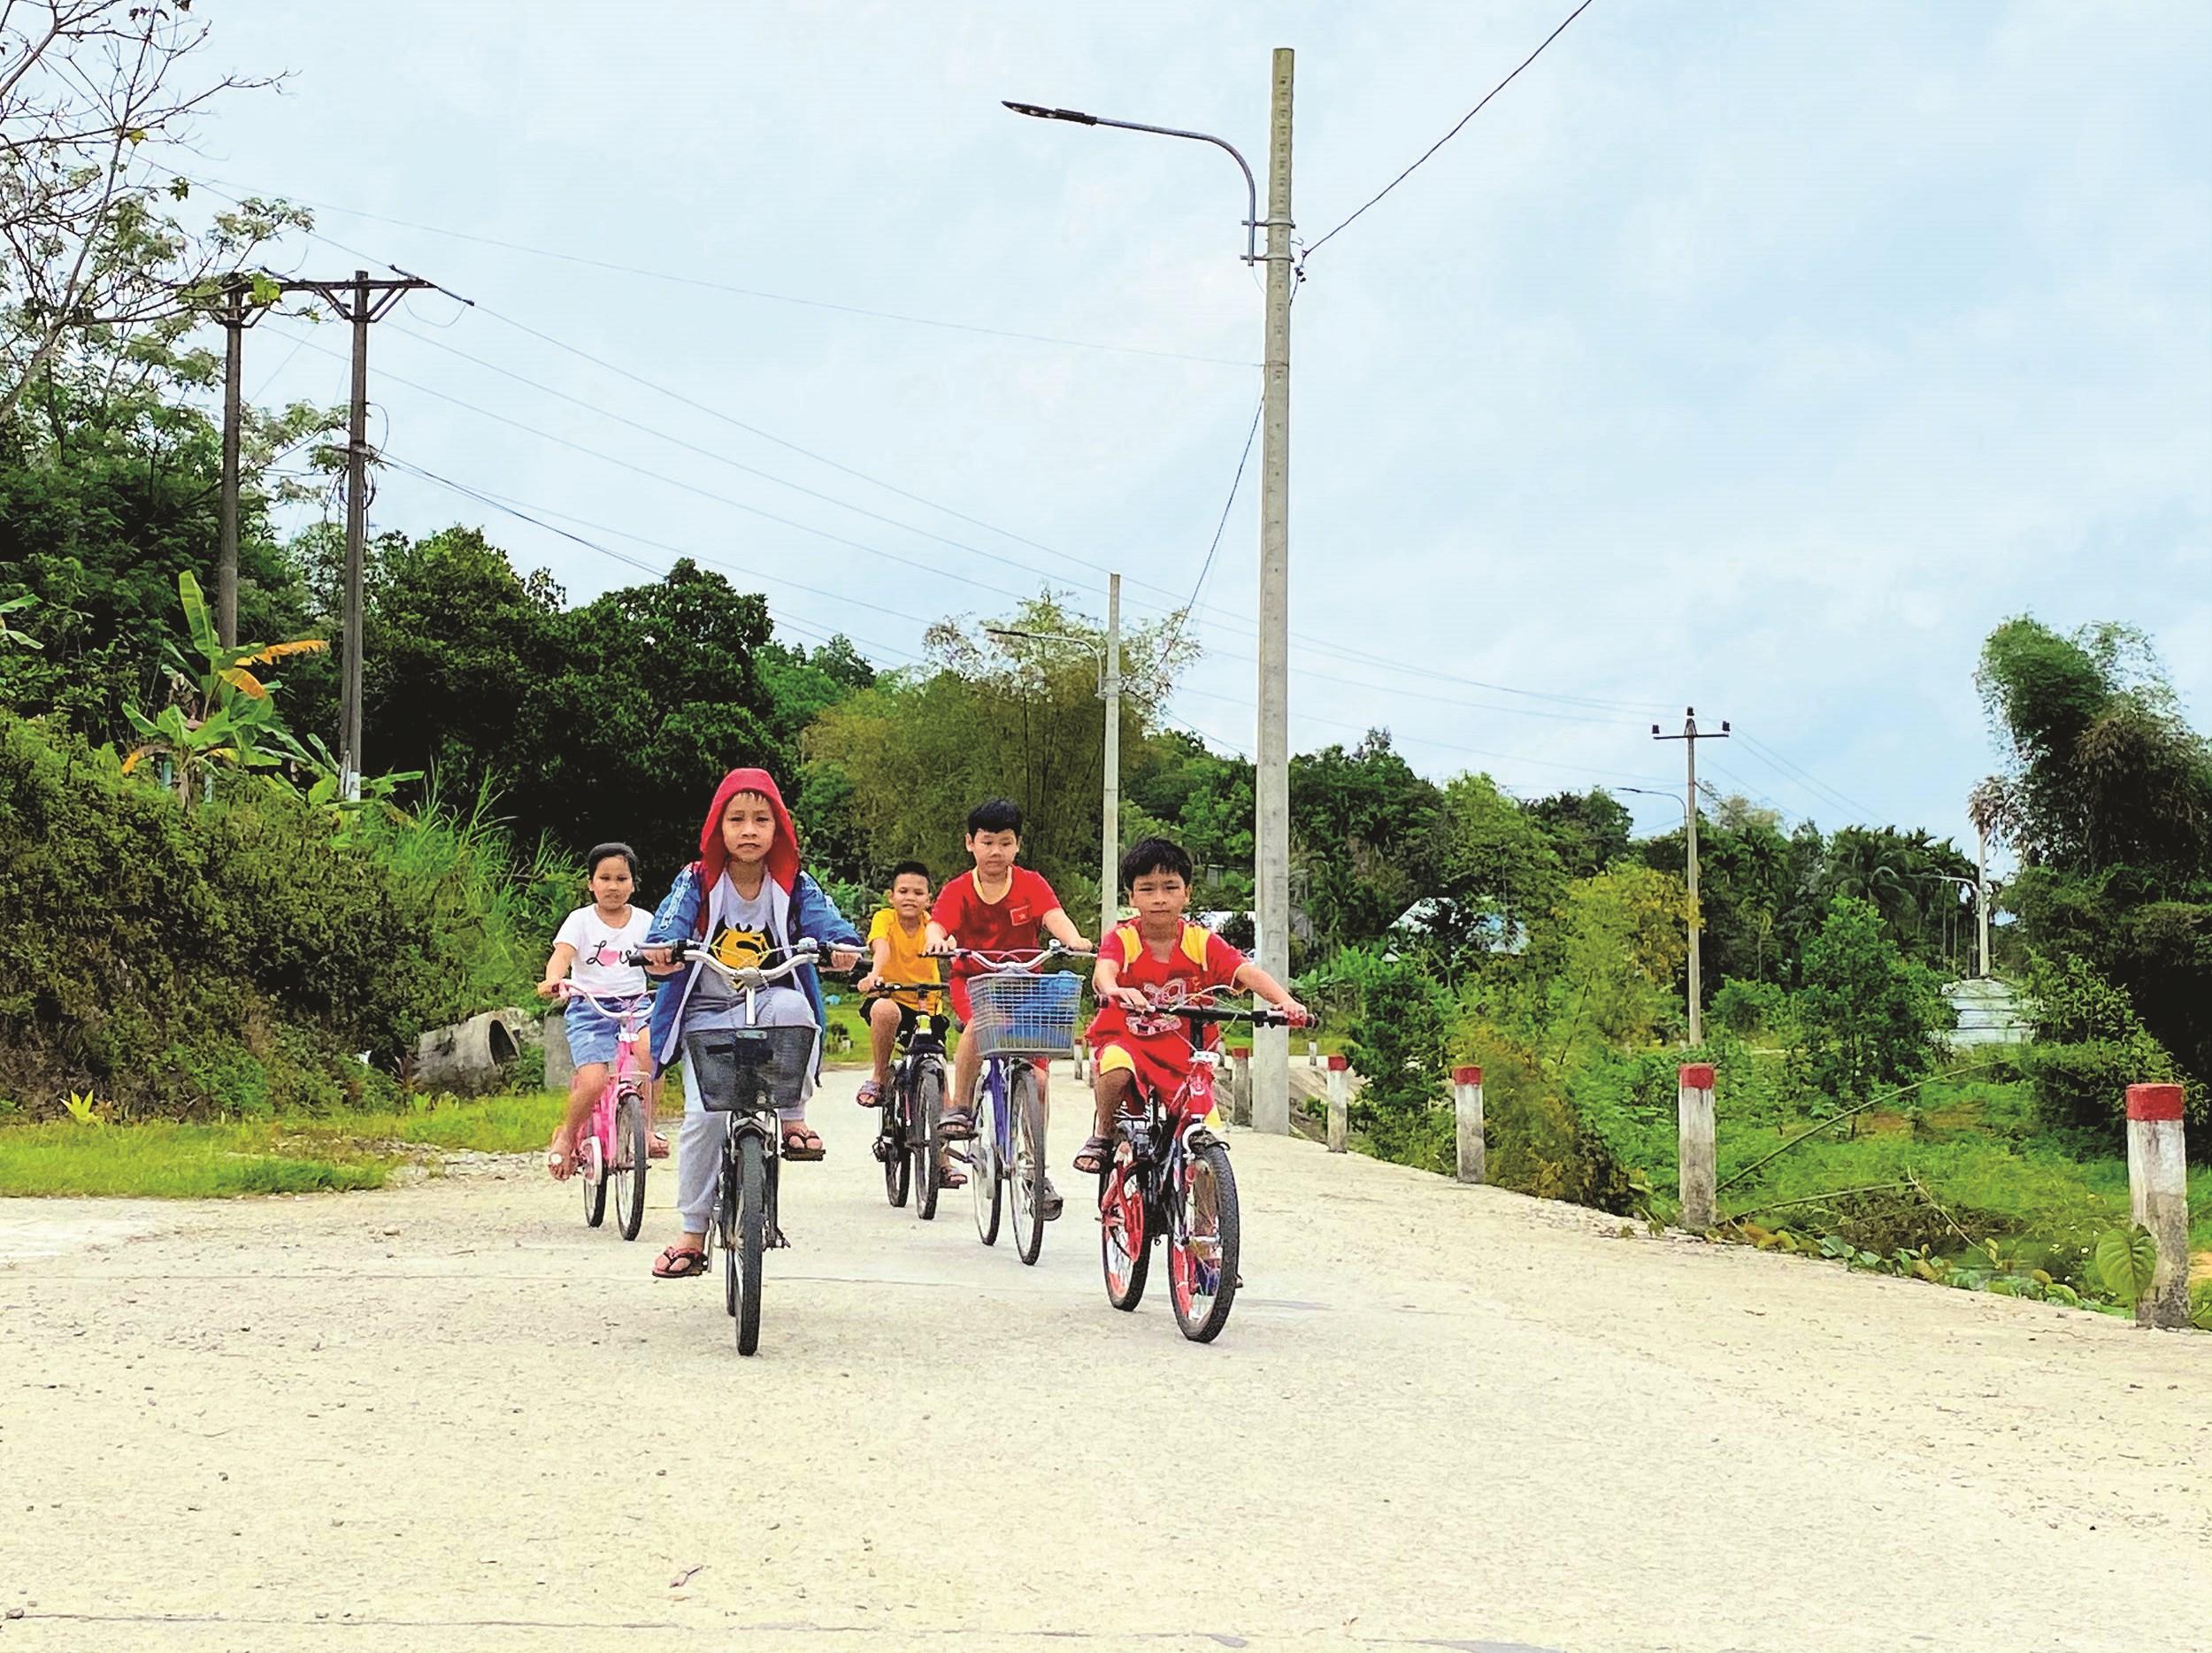 Con đường mới hoàn thành nhờ phát huy vai trò tiên phong, gương mẫu của nhiều đảng viên ở Trà Đông trong phong trào hiến đất làm đường.